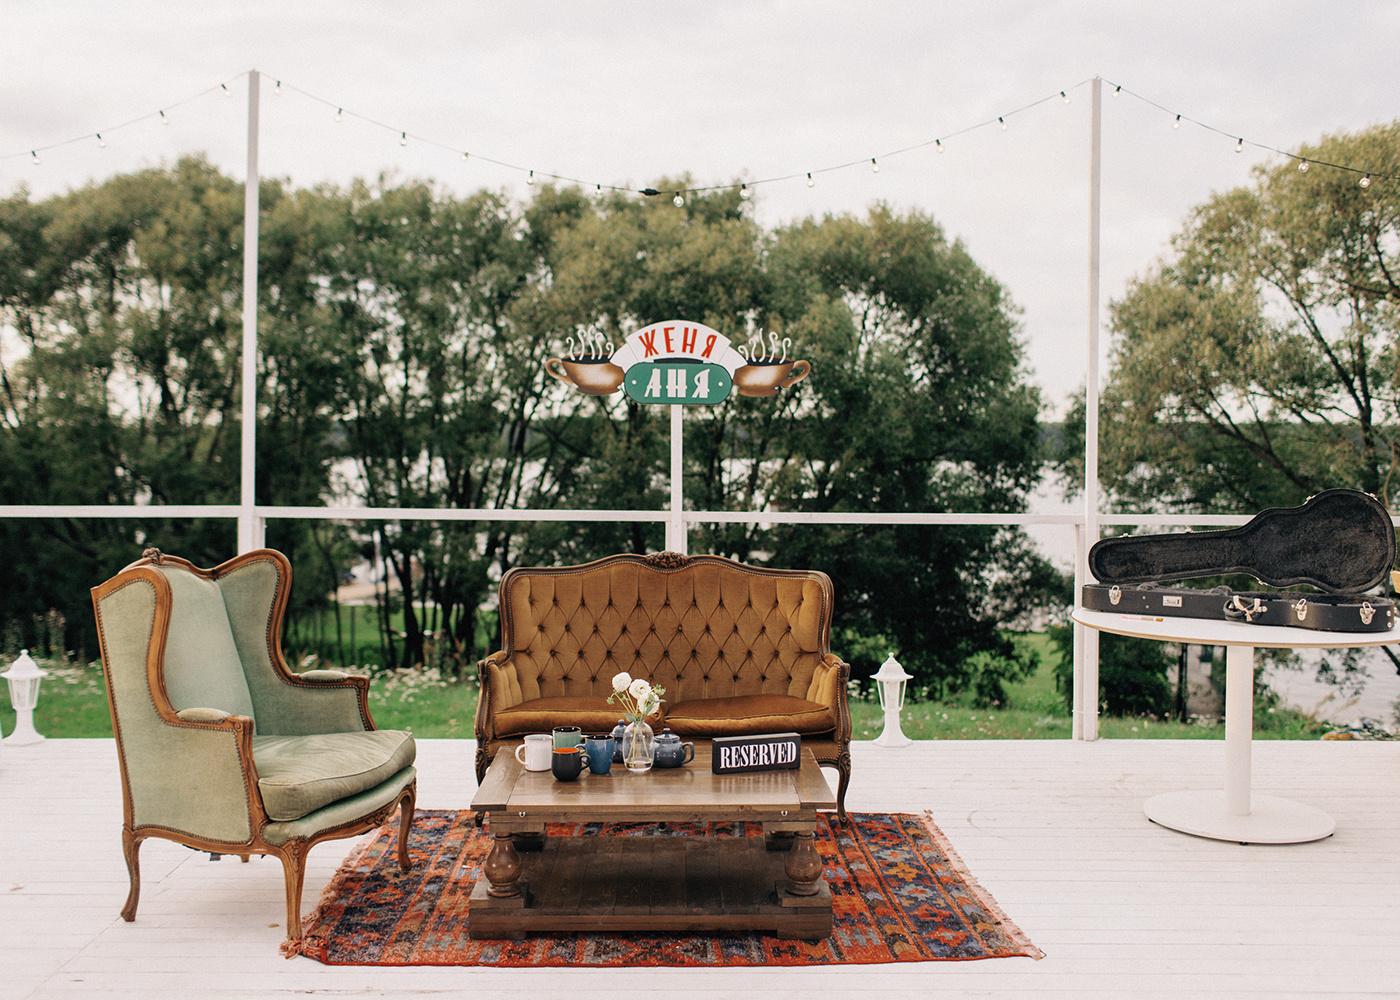 Любовь на всю громкость: уютная свадьба в стиле The Friends